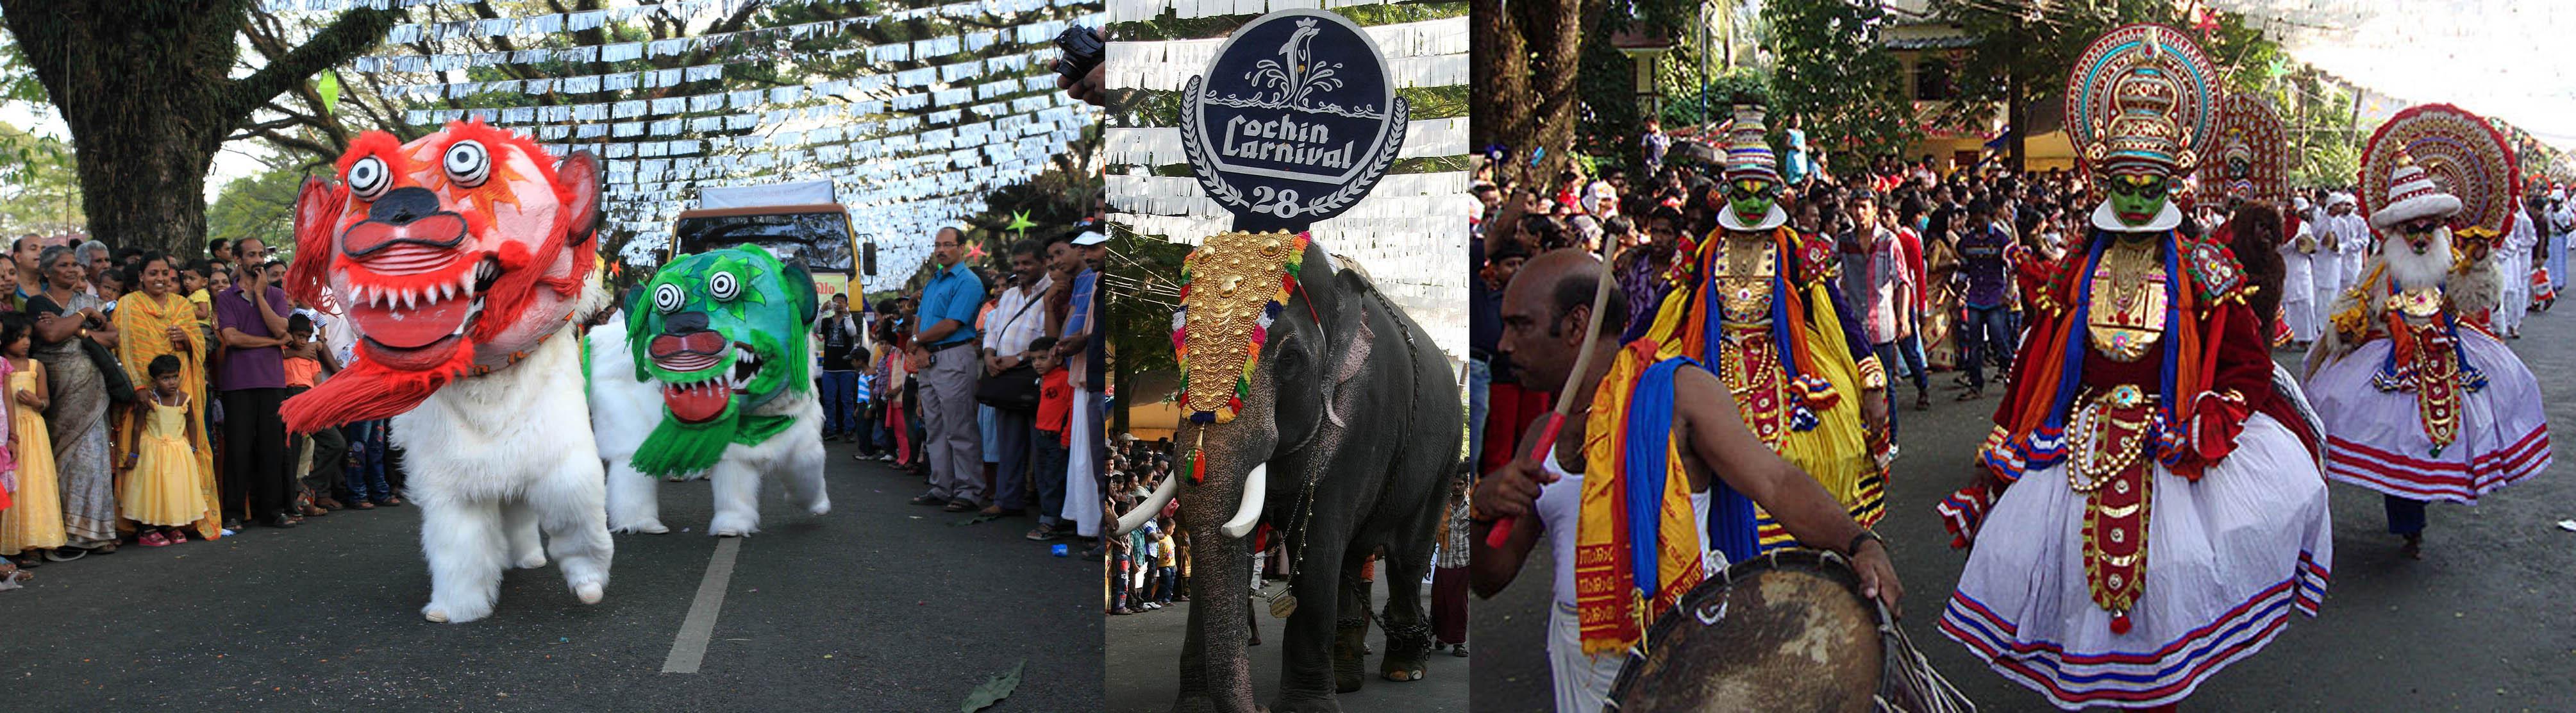 cochin carnival procession